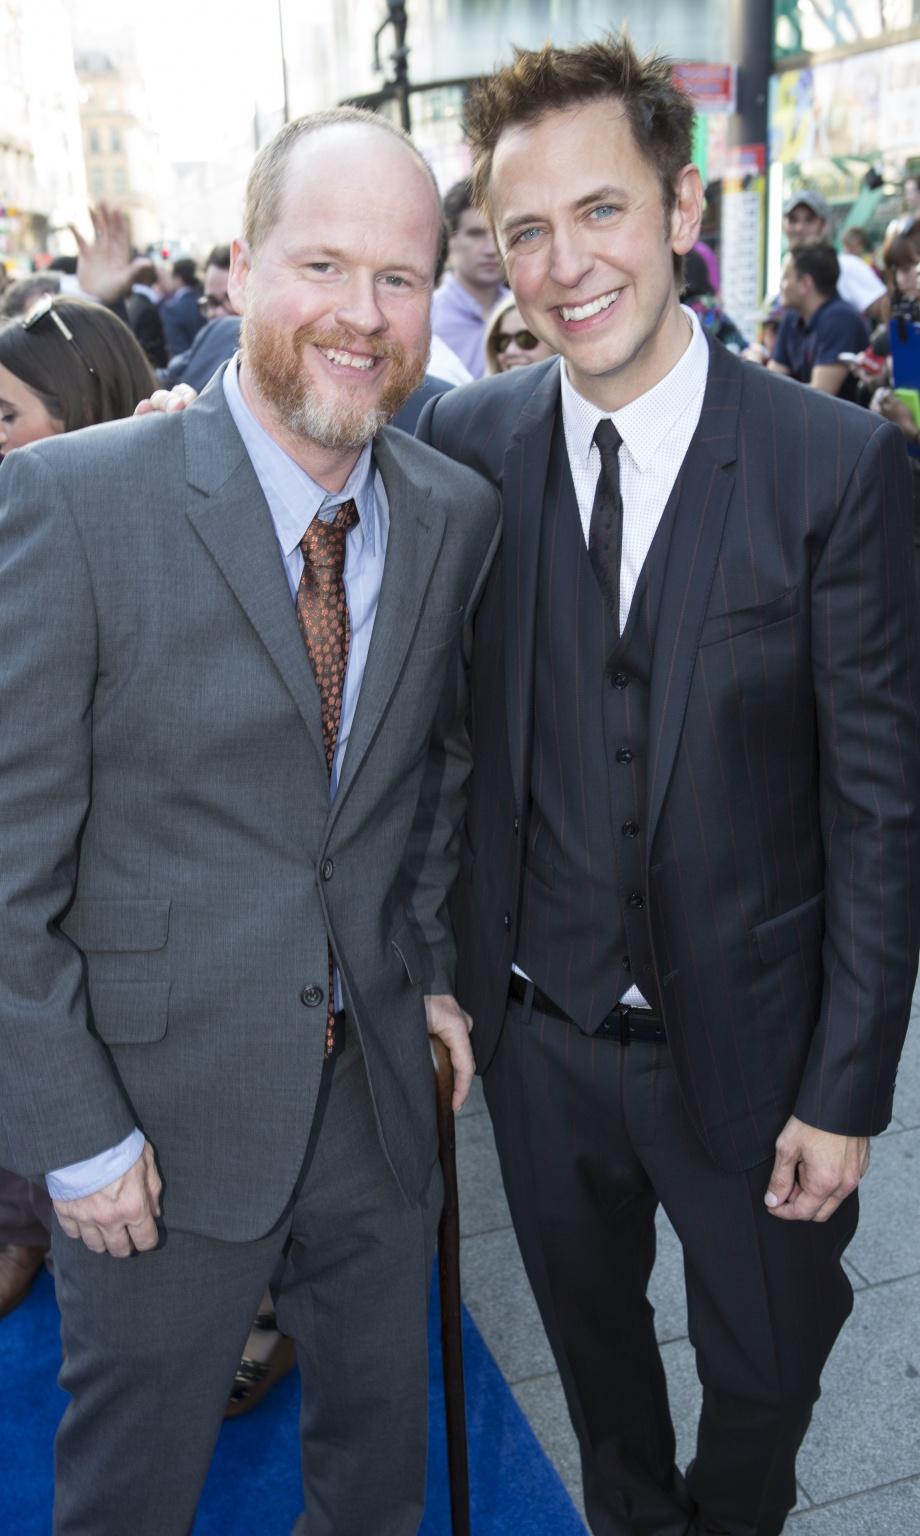 Joss Whedon & James Gunn